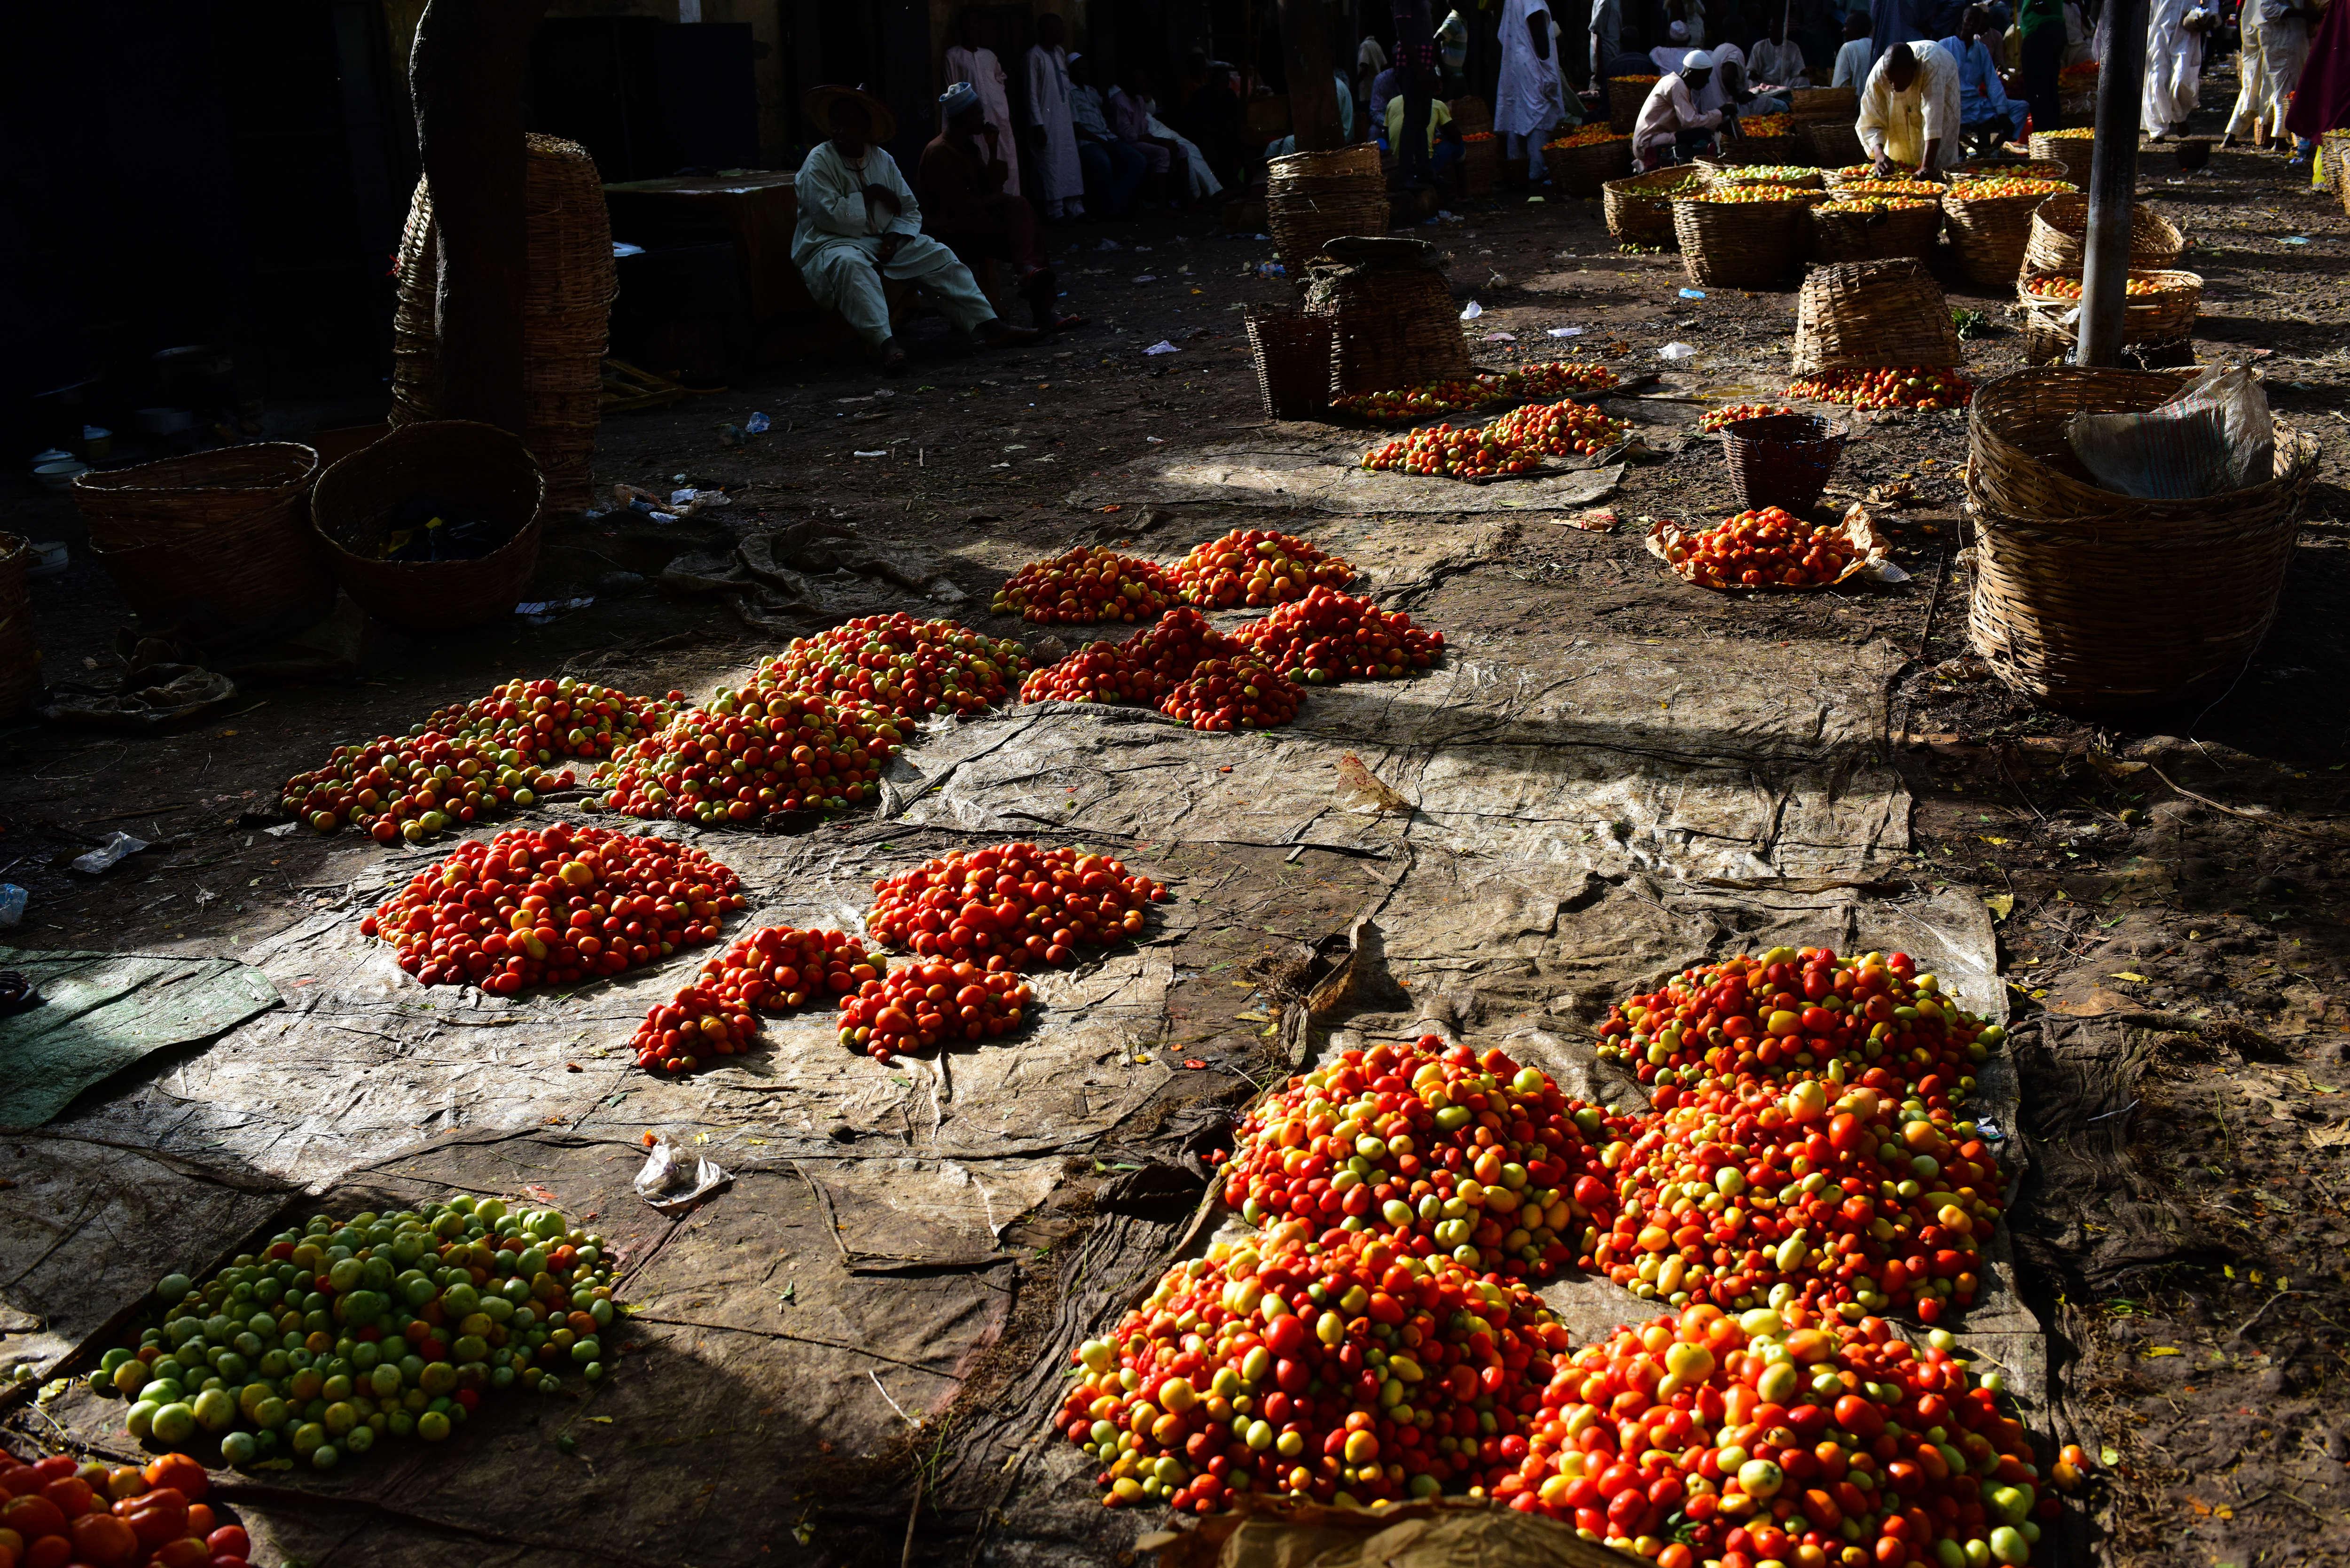 Chaque jour, des centaines de camions débordant de paniers de tomates font des allers-retours entre les champs et les marchés de Kano.